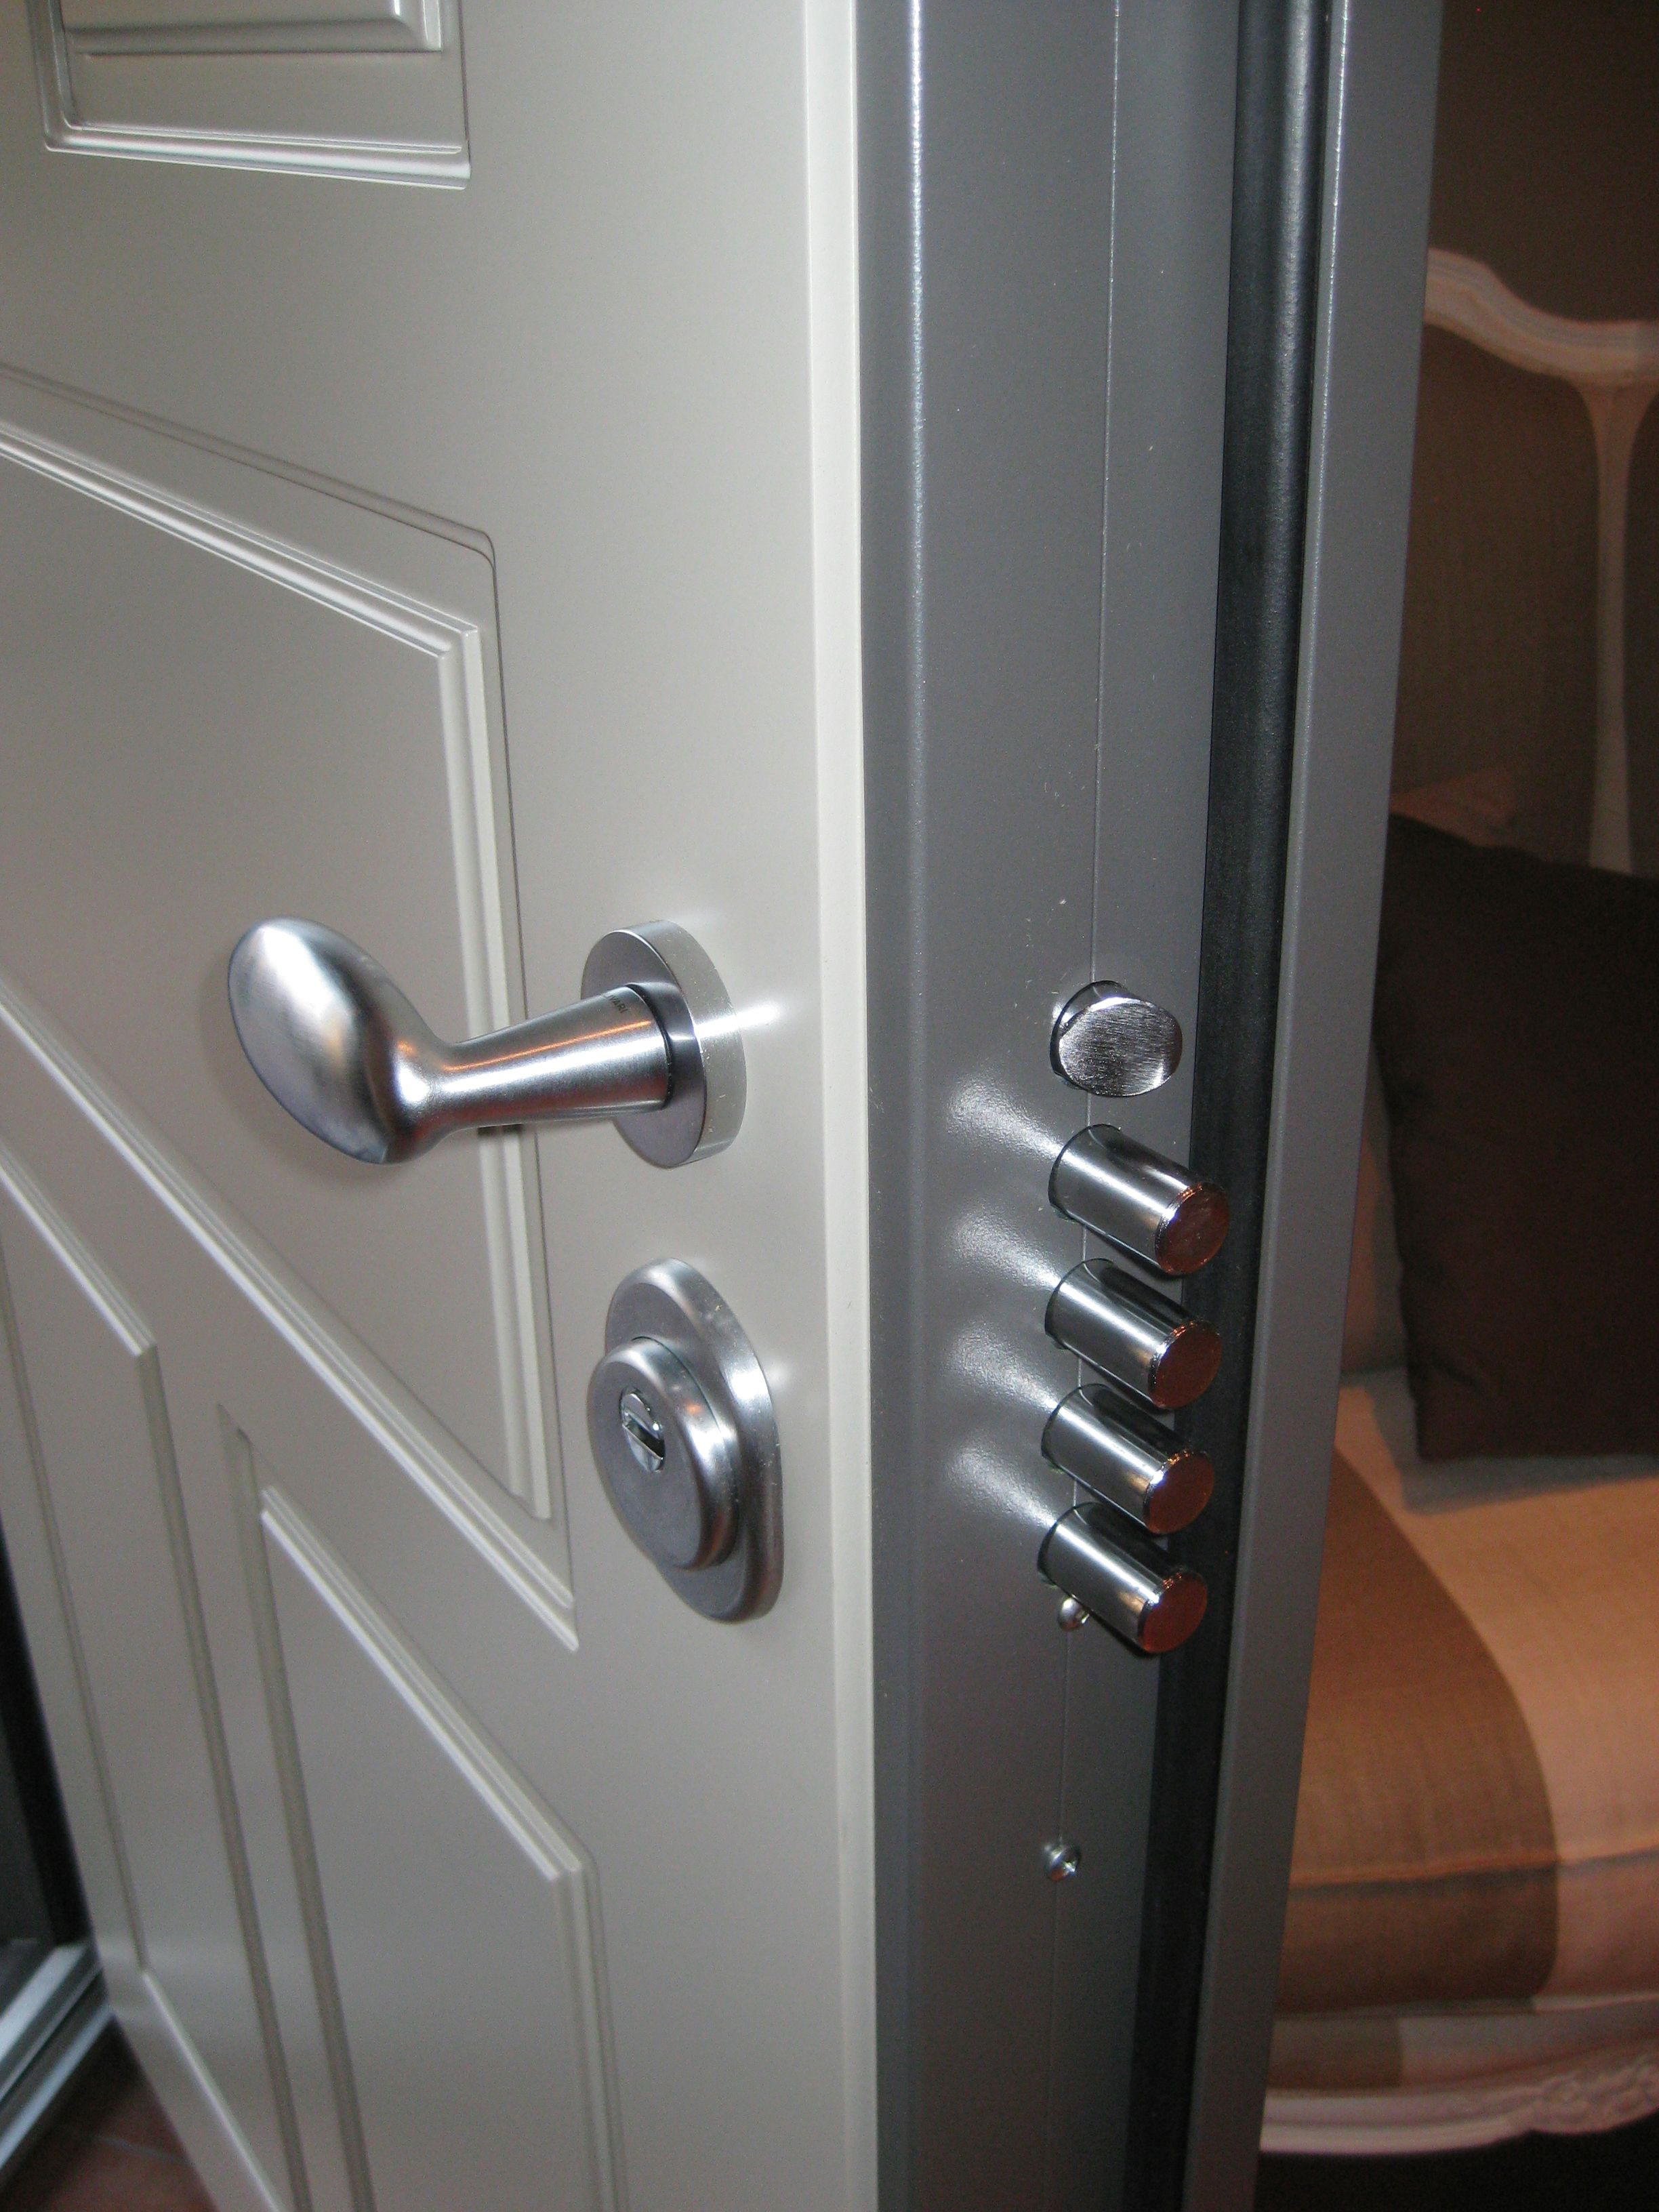 Changer Porte Interieur Changer Ses Portes D Interieur Fourniture - Porte placard coulissante avec changer serrure porte blindée